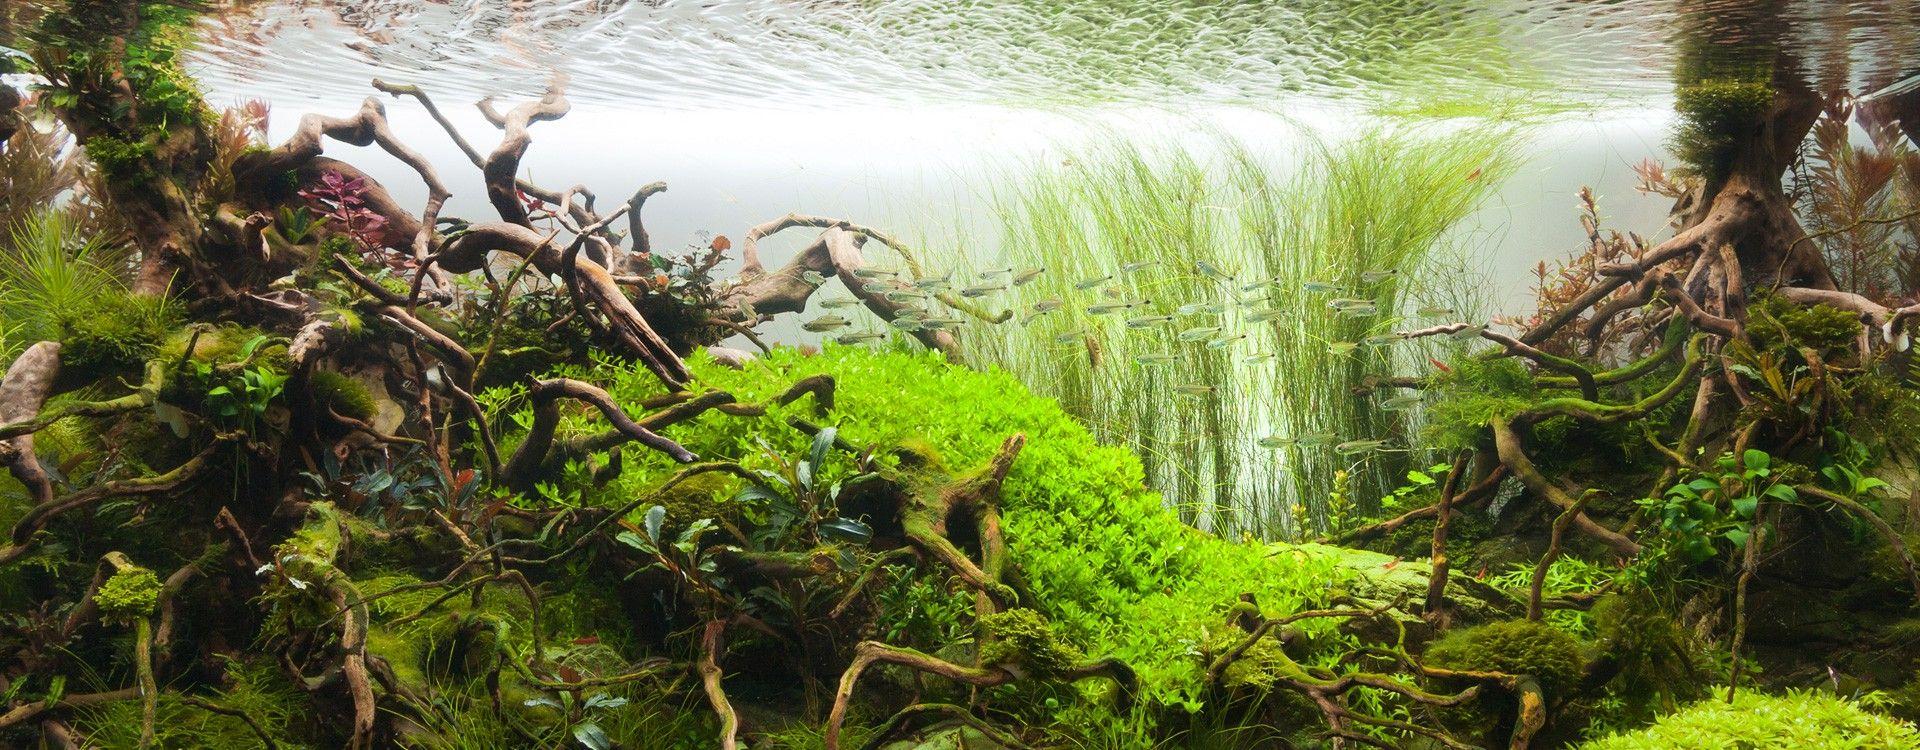 Podstawy aranżacji cz. I - wybór roślin akwariowych i rozmieszczenie planów